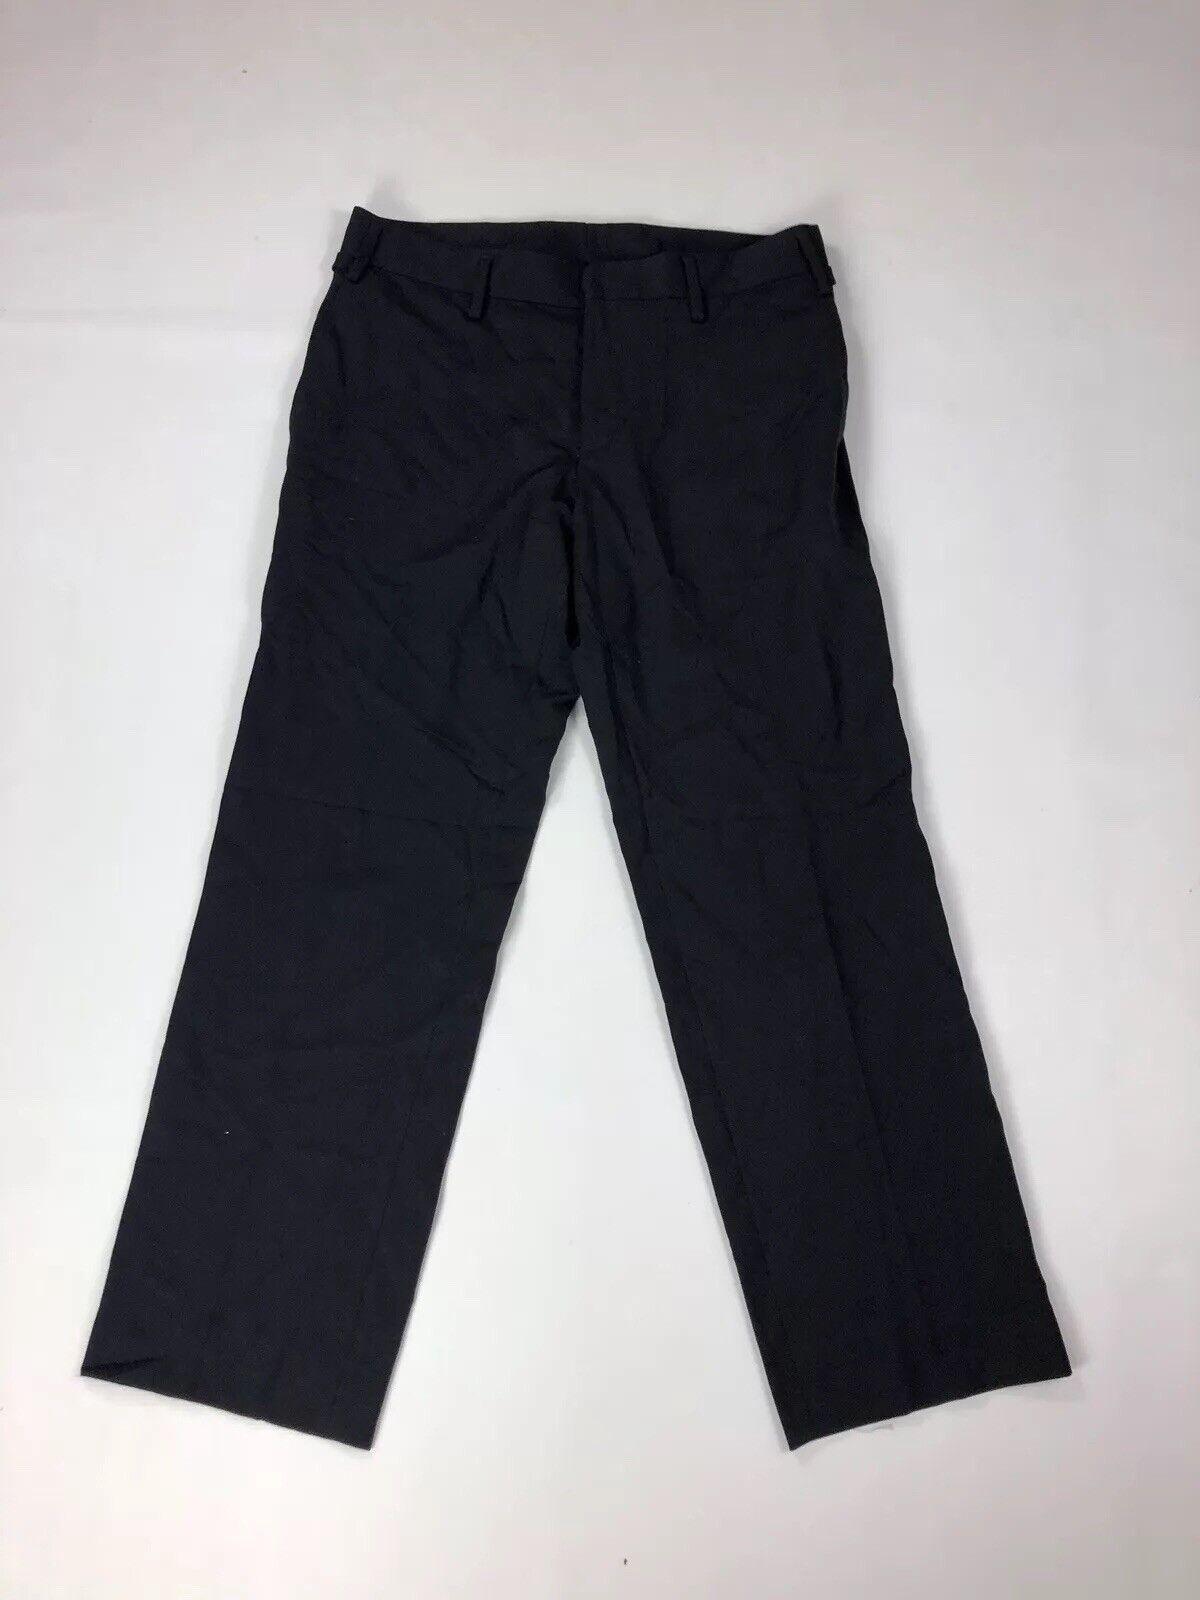 HUGO BOSS Formal Formal Formal Trousers - W34 L32 - Navy - Great Condition - Men's | Viele Stile  | Verrückter Preis  | Schnelle Lieferung  | Clearance Sale  | Bestellungen Sind Willkommen  0ac878